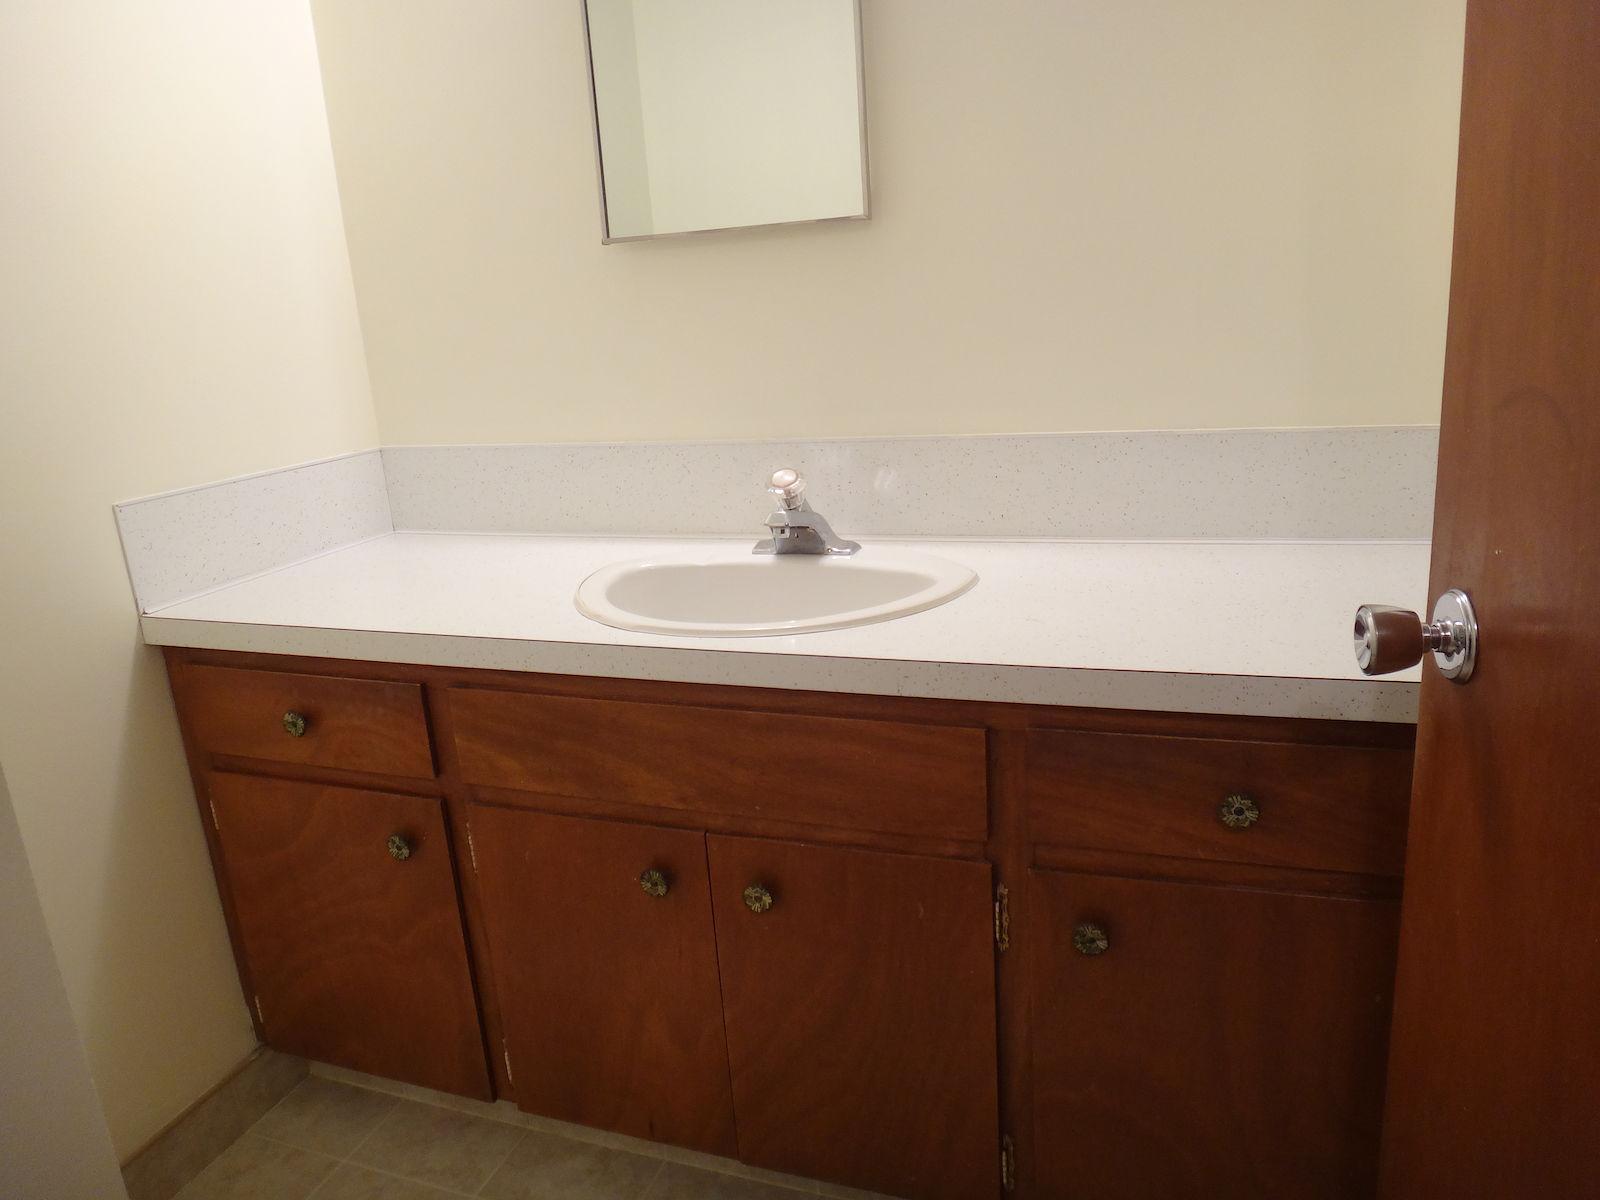 Bathroom vanities calgary ab - Bathroom With Vanity